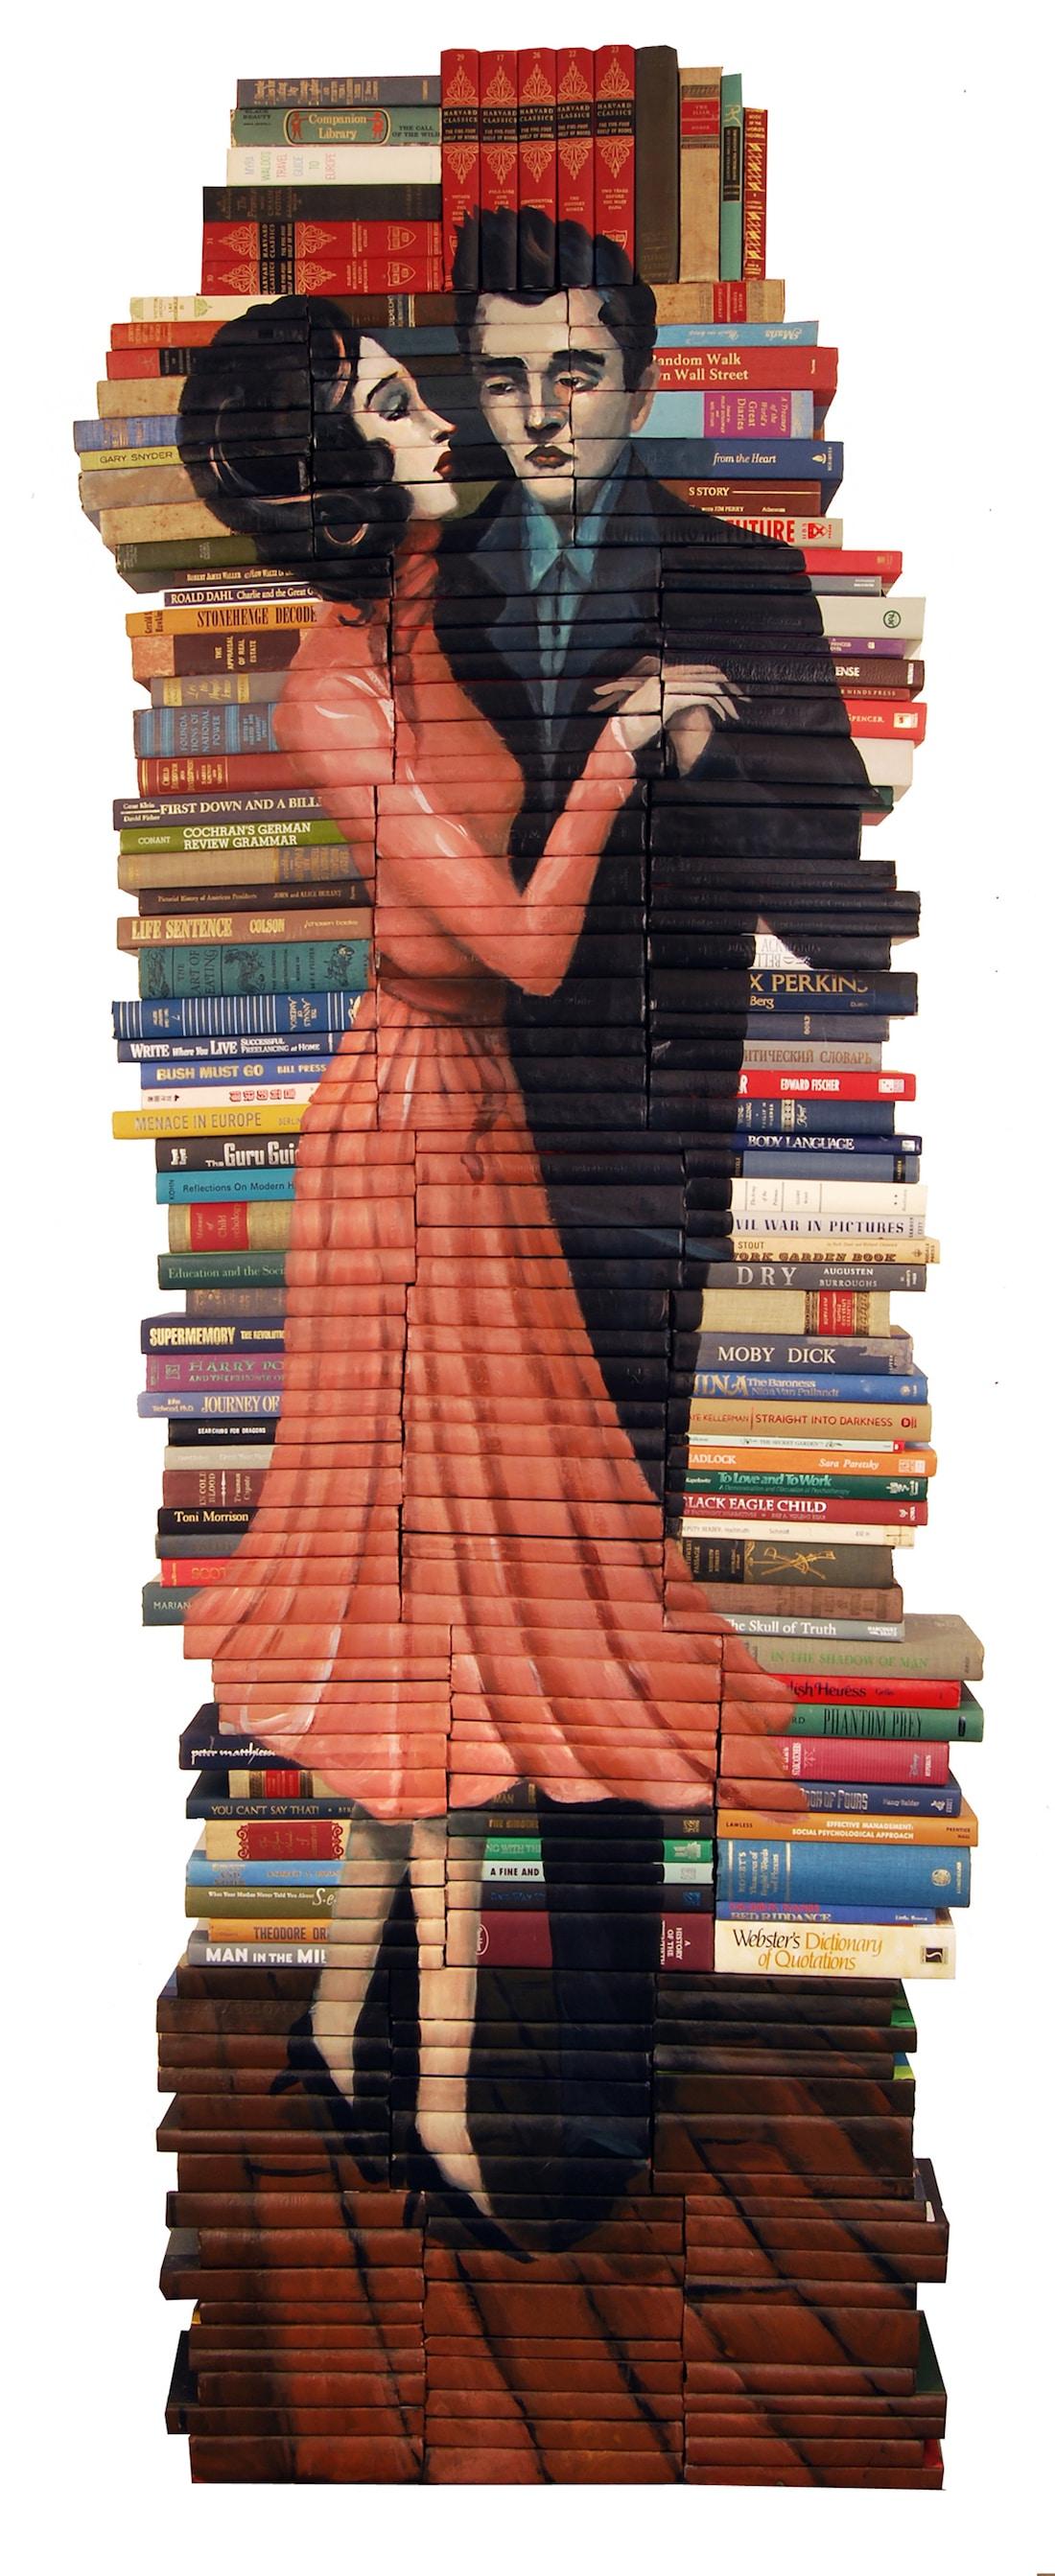 Mike Stilkey escultura de libros